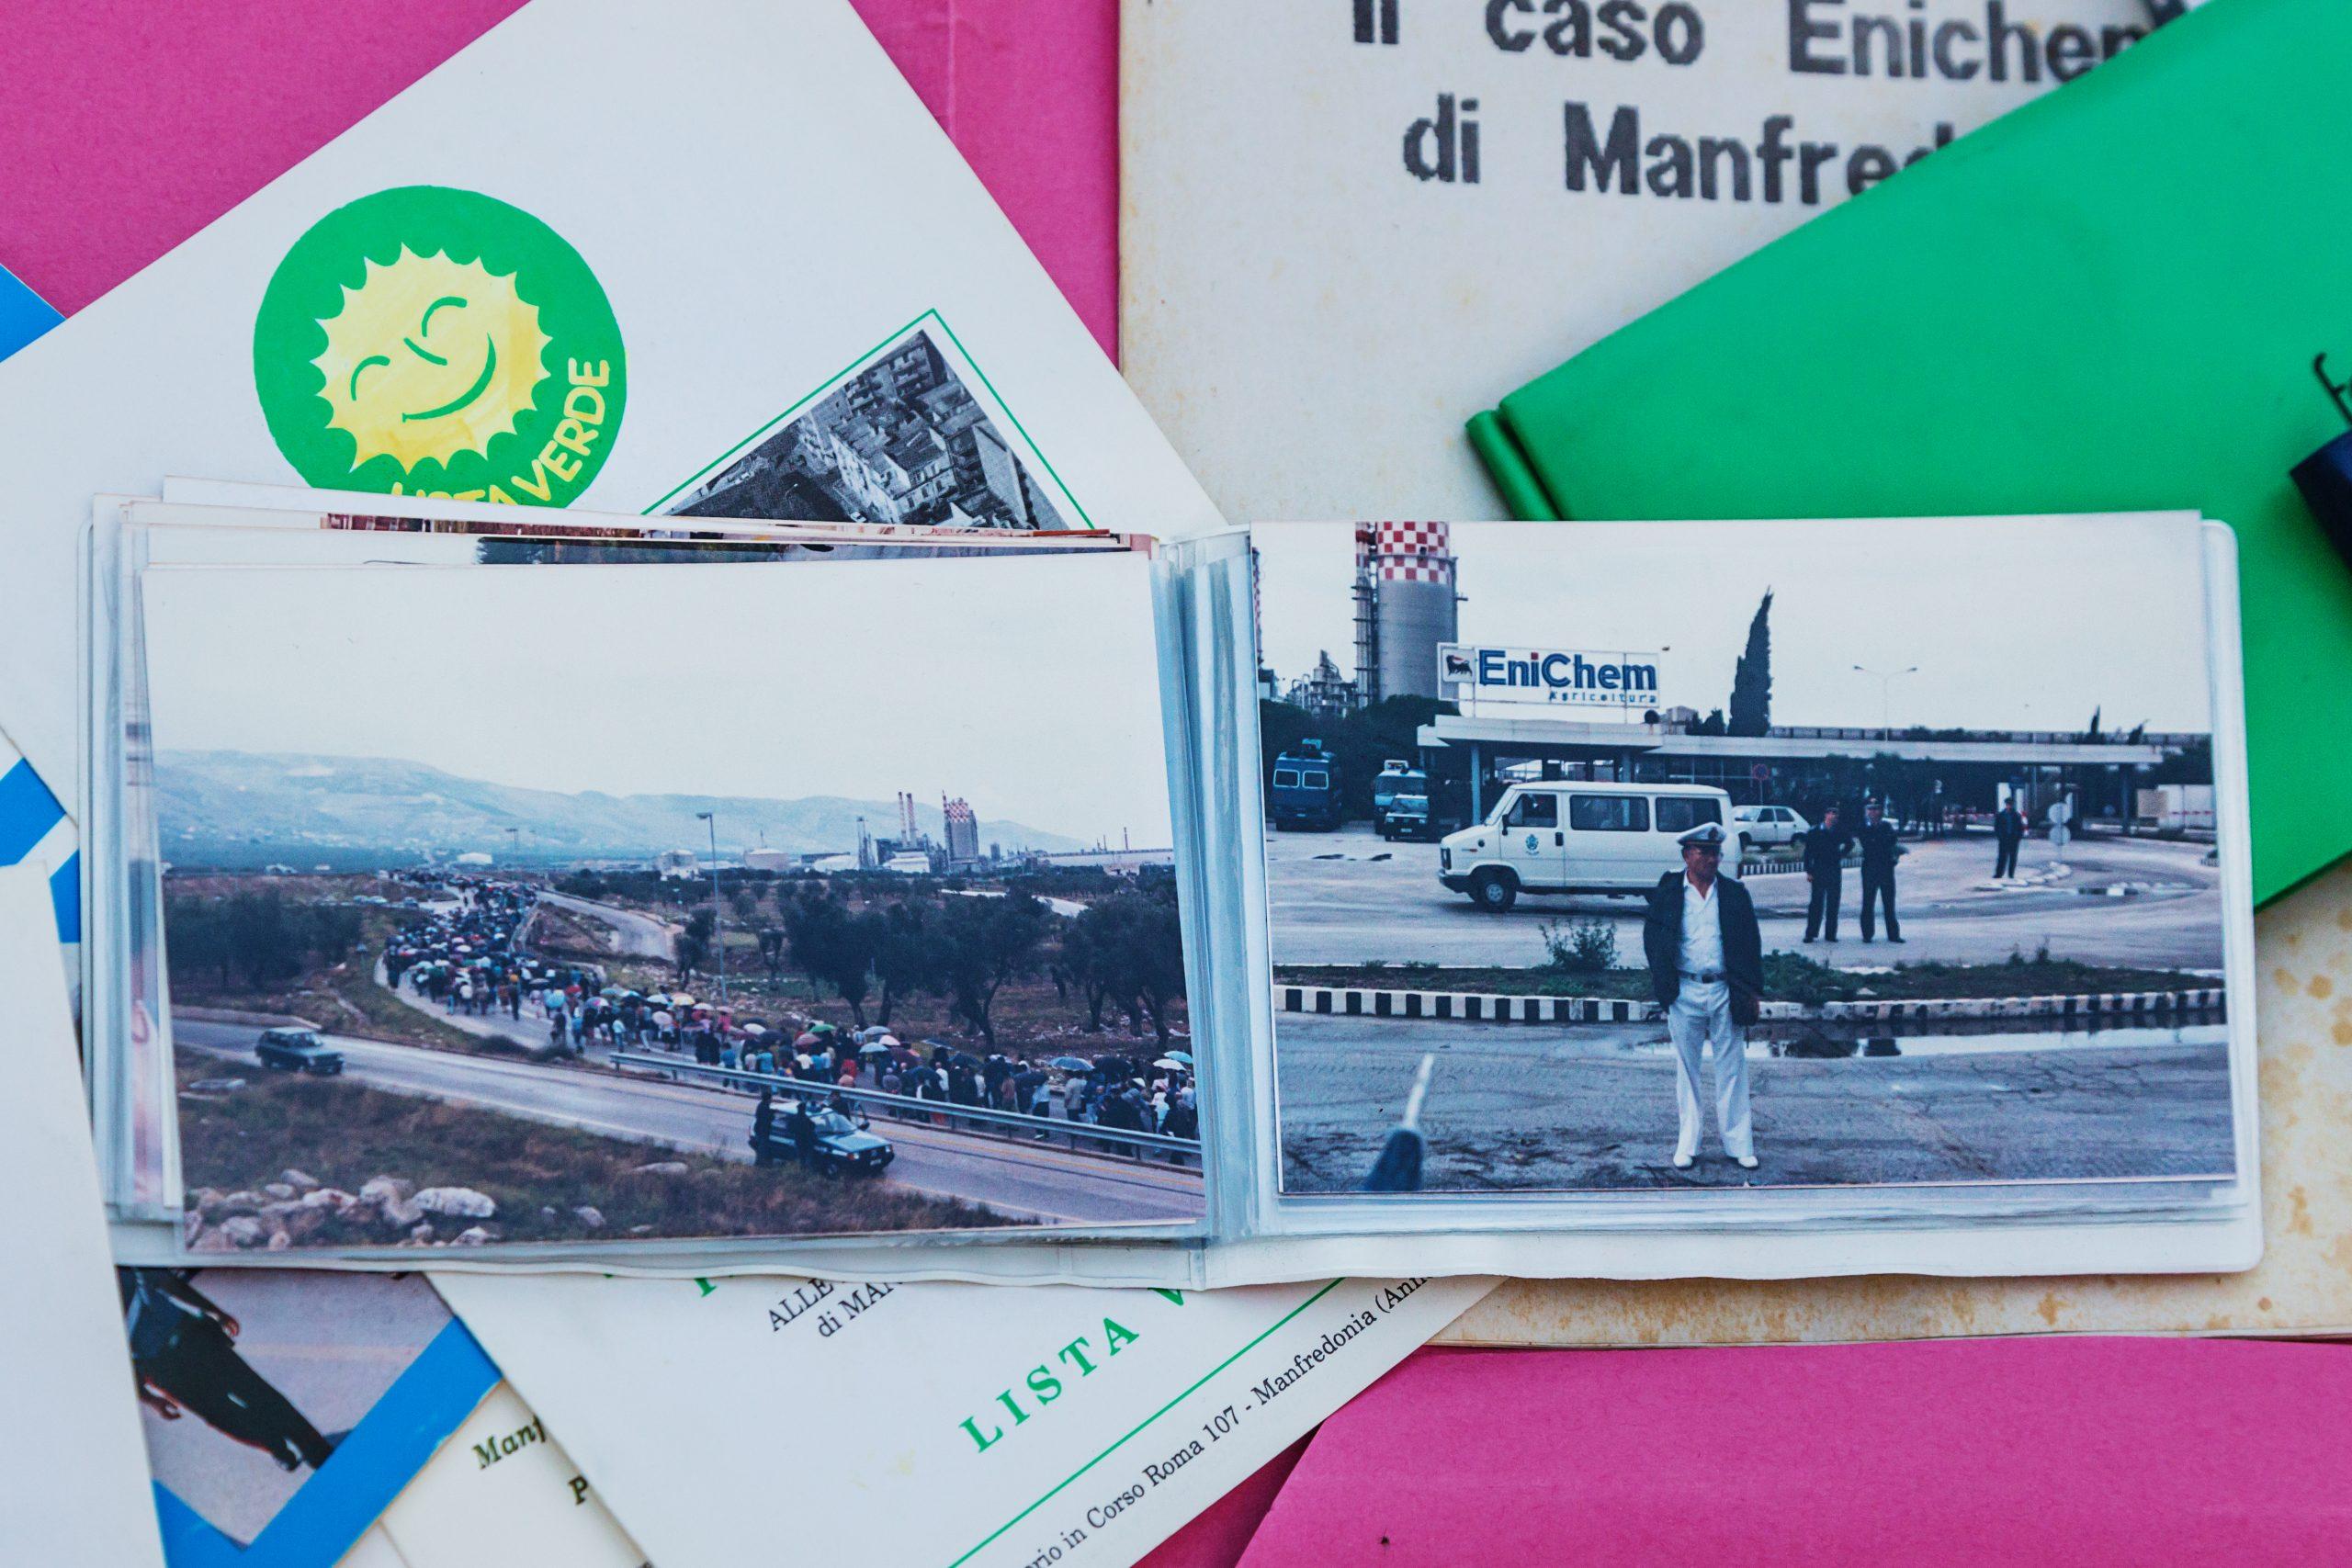 Manfredonia - Foto storiche (di Mimmo Guerra): a sinistra la marcia di protesta verso il complesso EniChem, a destra una foto dell'impianto ora demolito.